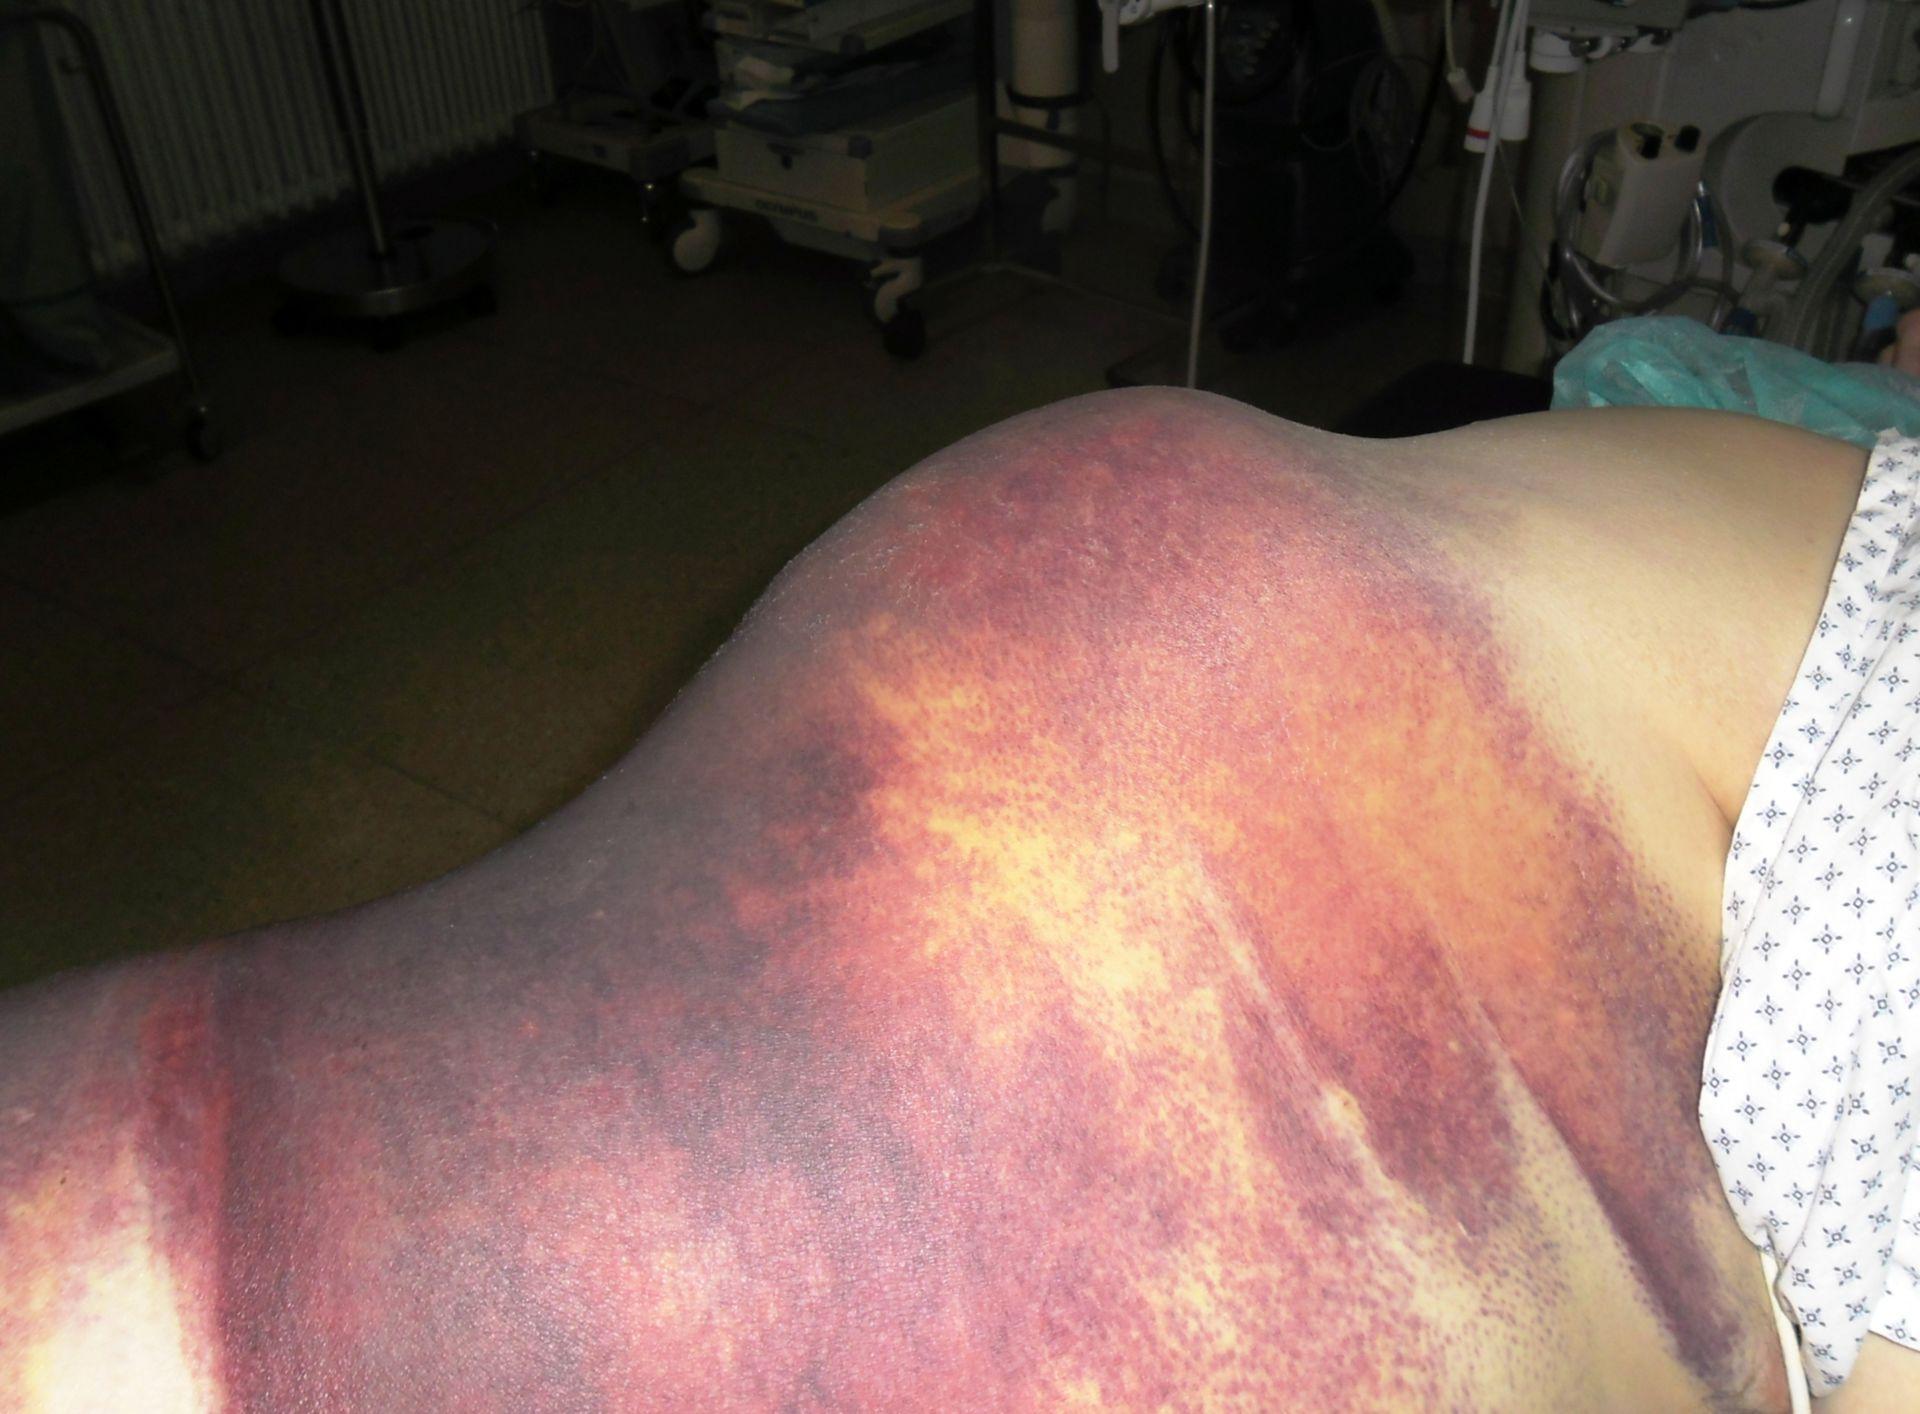 Hemorragia causada por biopsia de higado